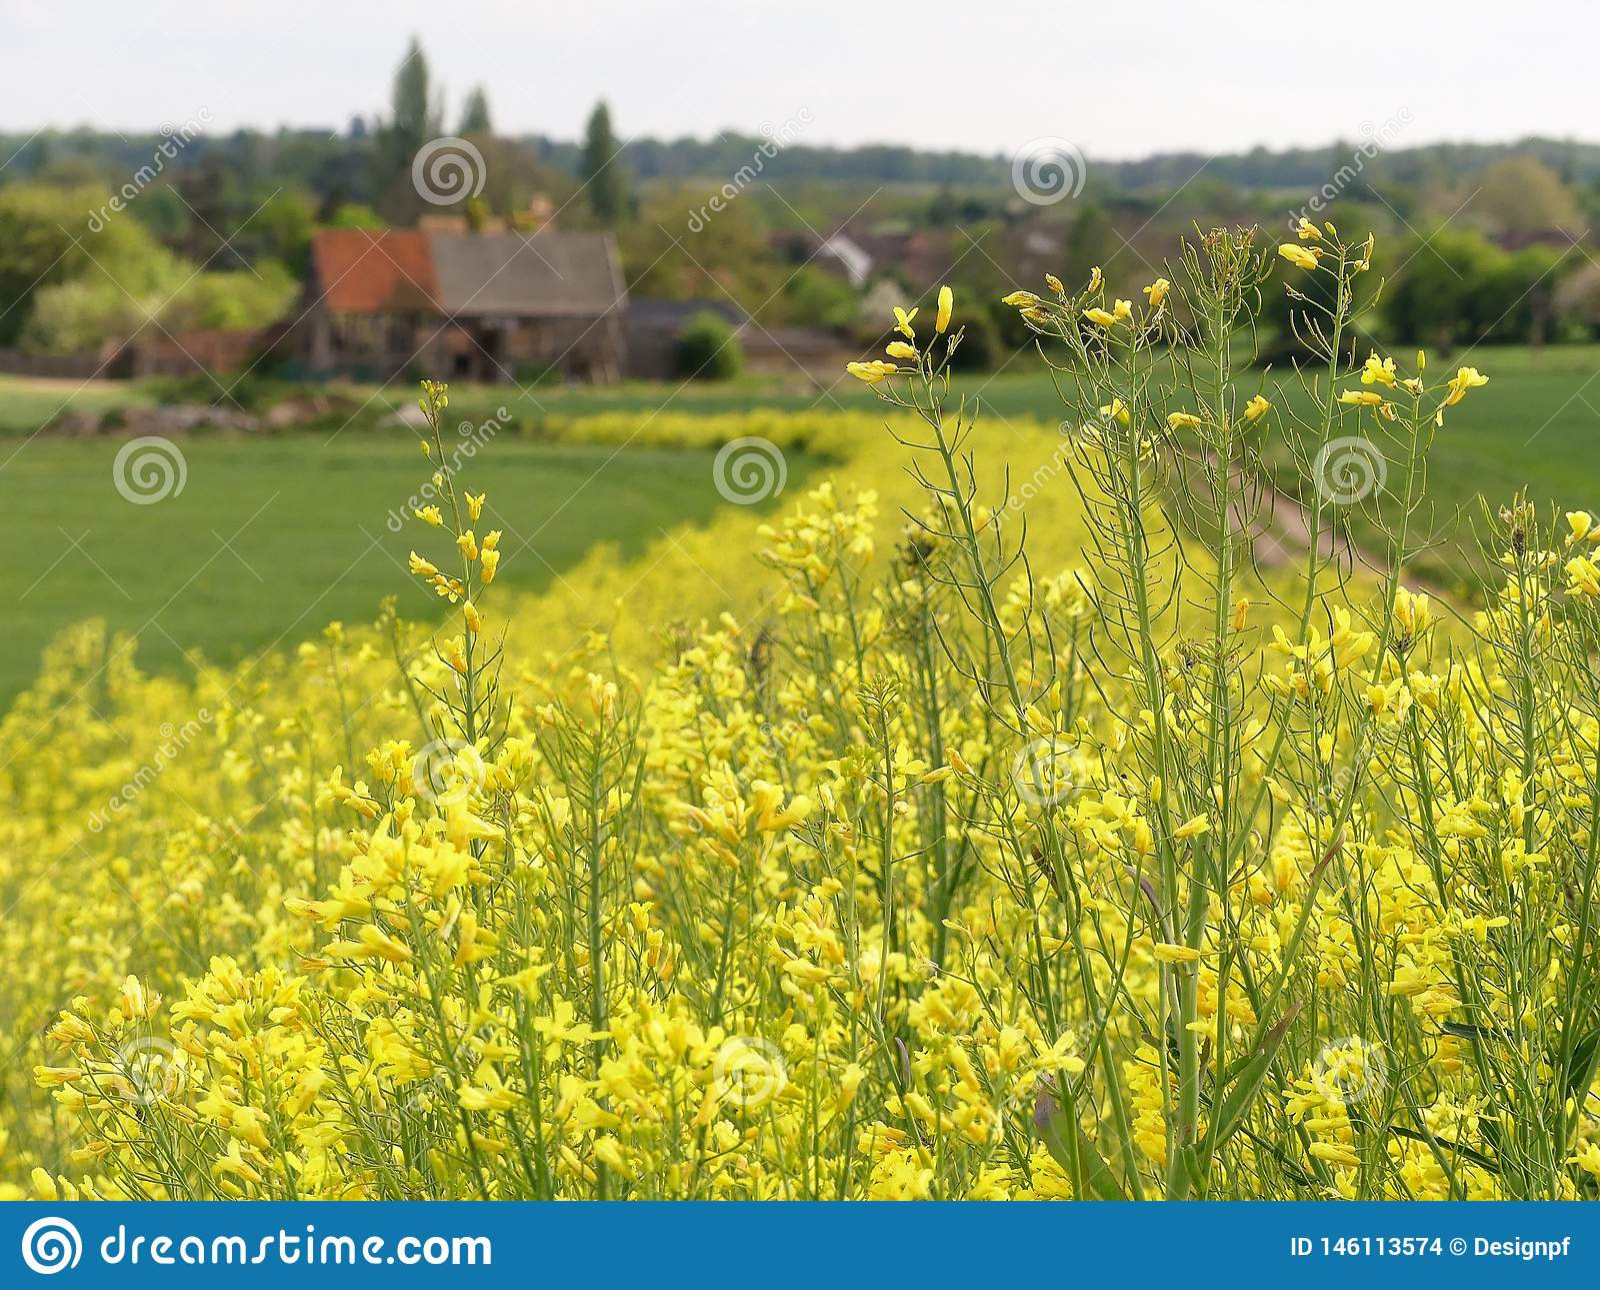 Gul blomma grönkål, en lek och skörd för jordbruksmarkfågelräkning, med den gjorda suddig 16th århundradeladugården i avstånd